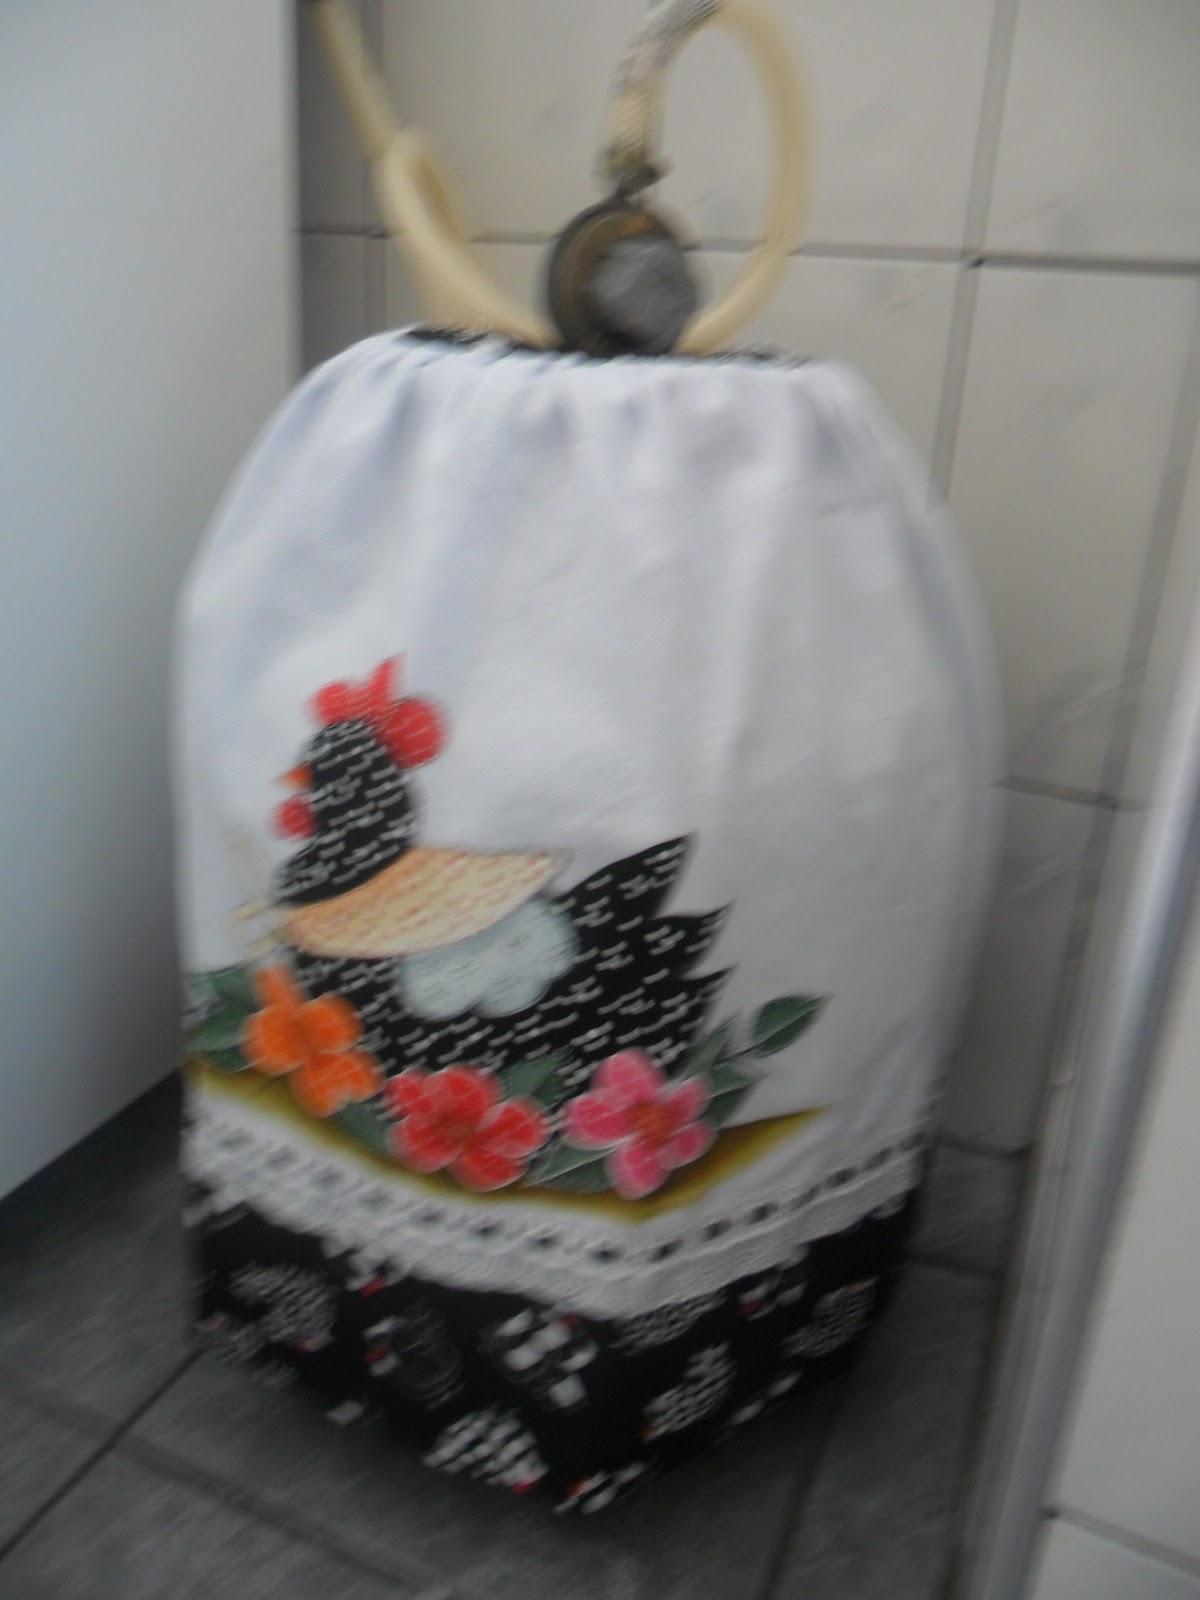 botijão de gás caminho de mesa capa para galão de aguá puxa saco